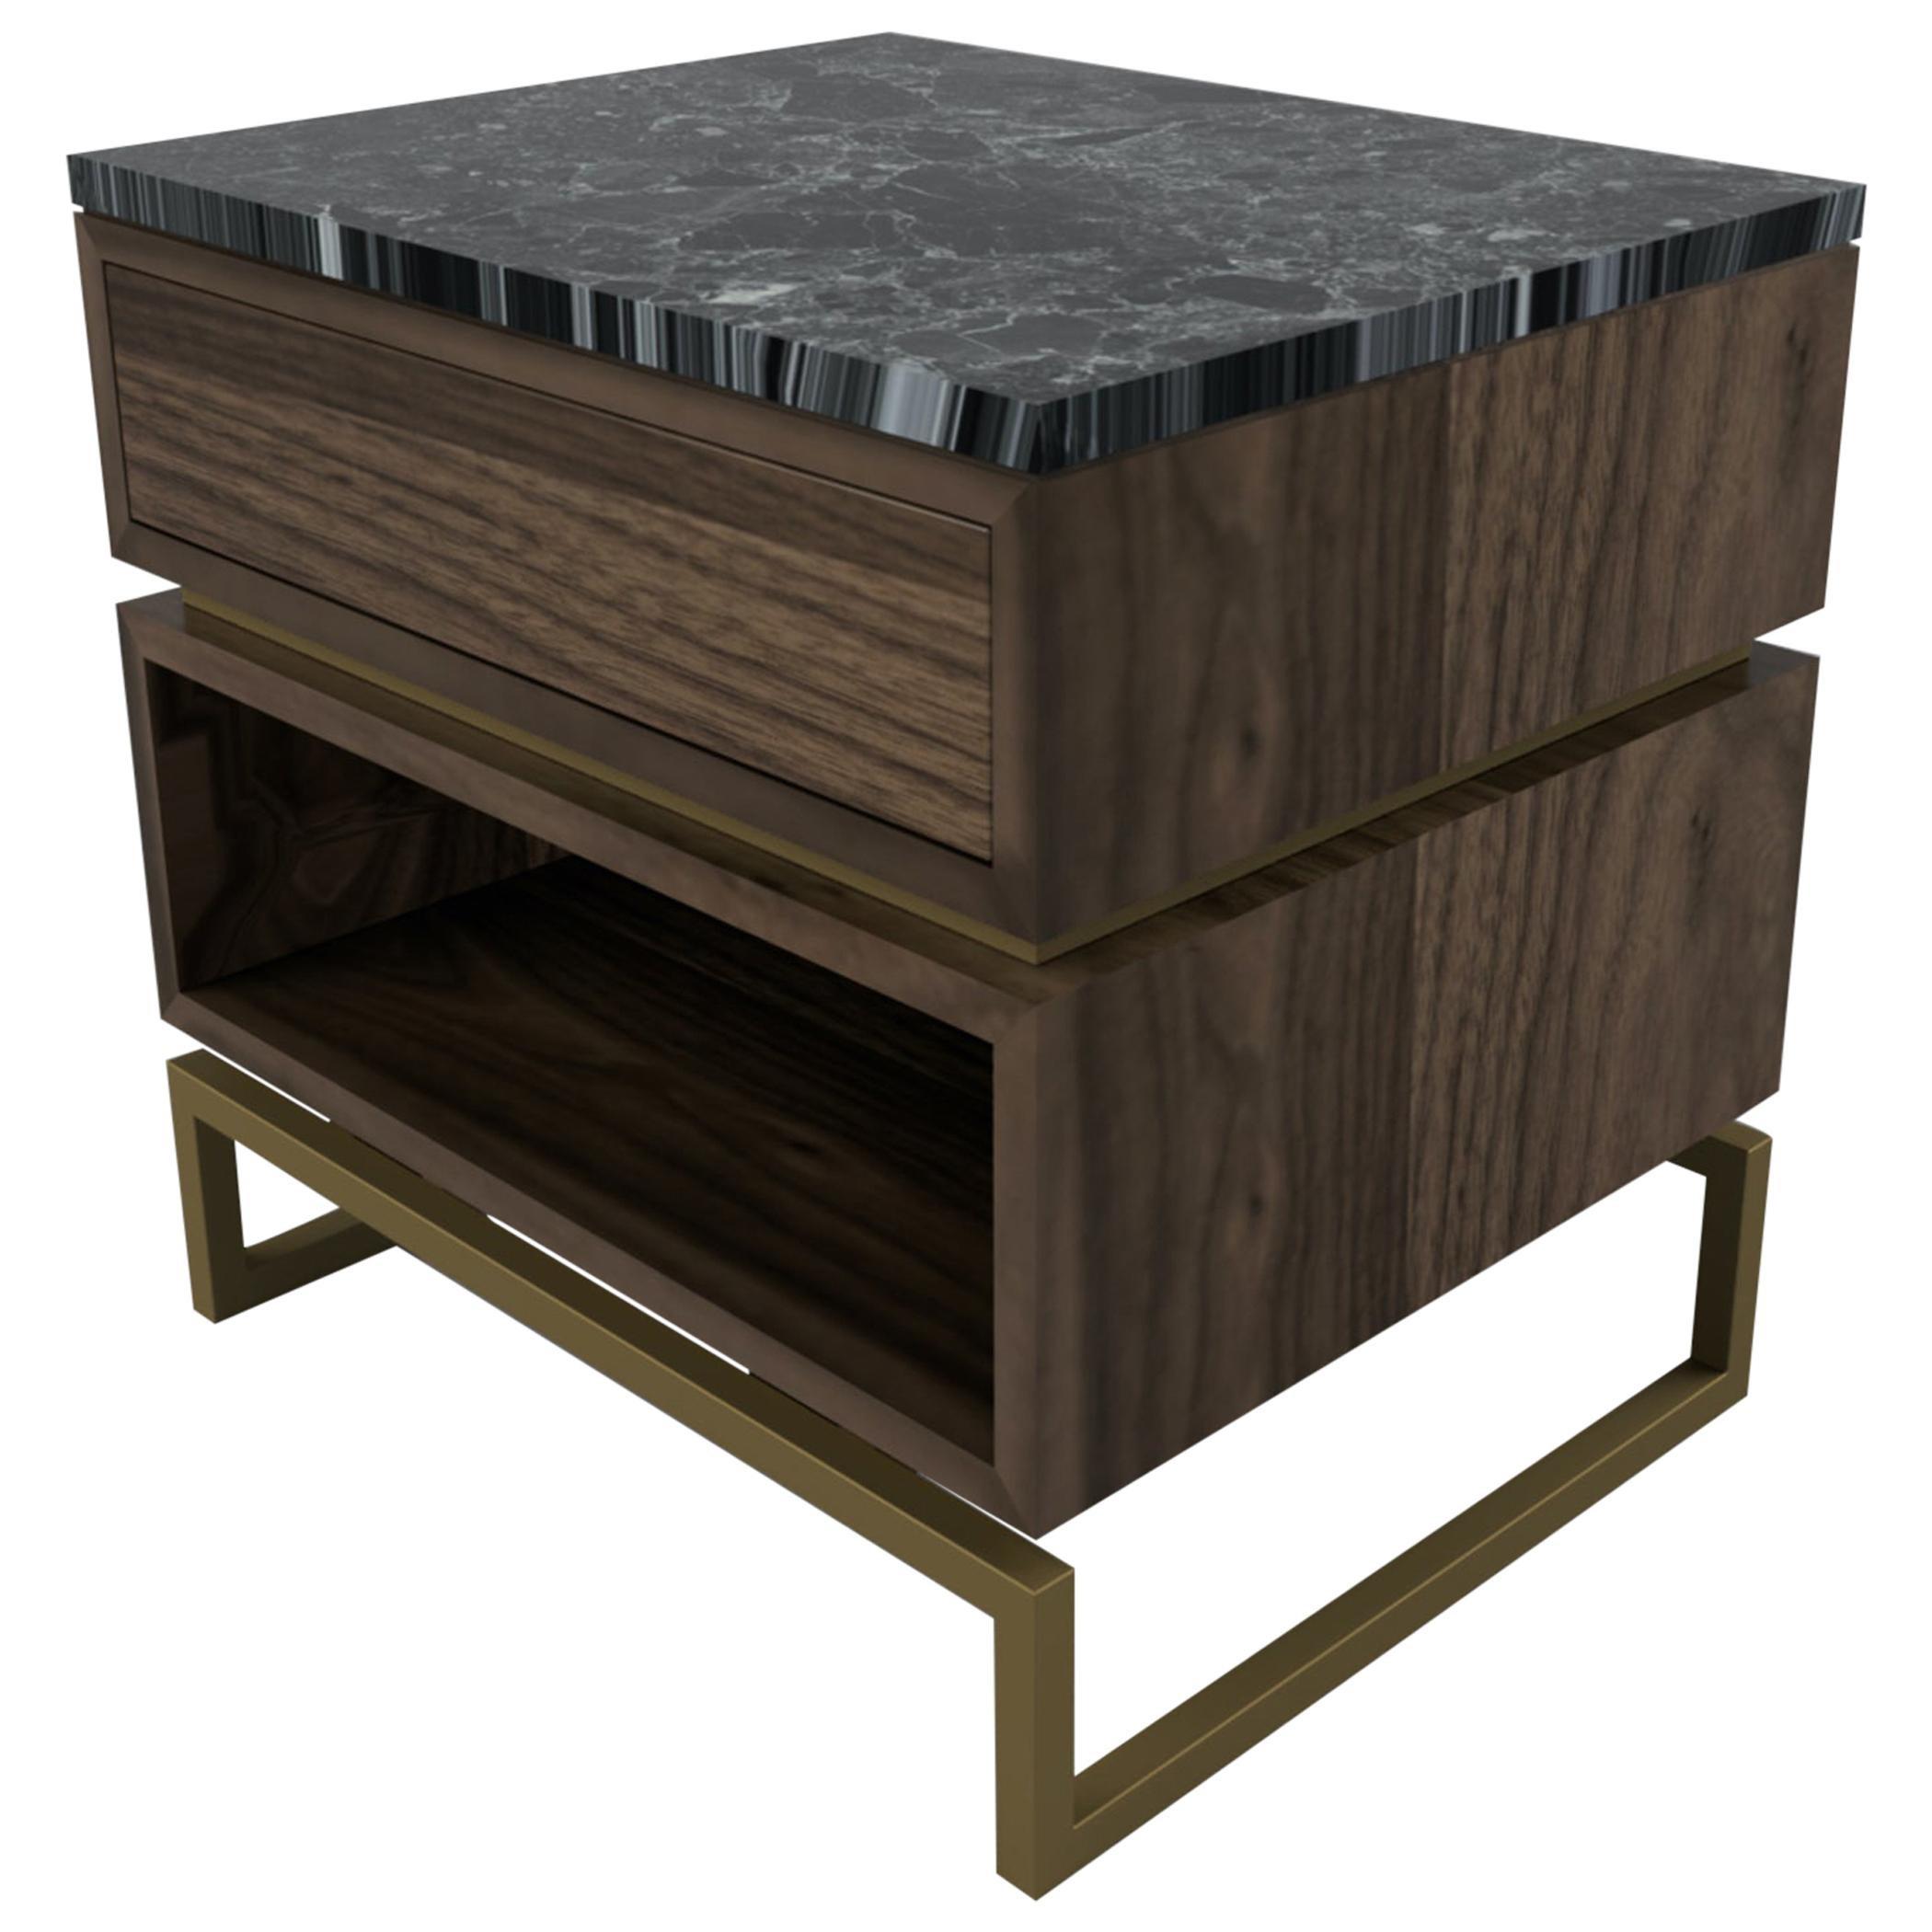 Pelios Bedside Table in Wood Veneer, Marble Surface and Metal Legs